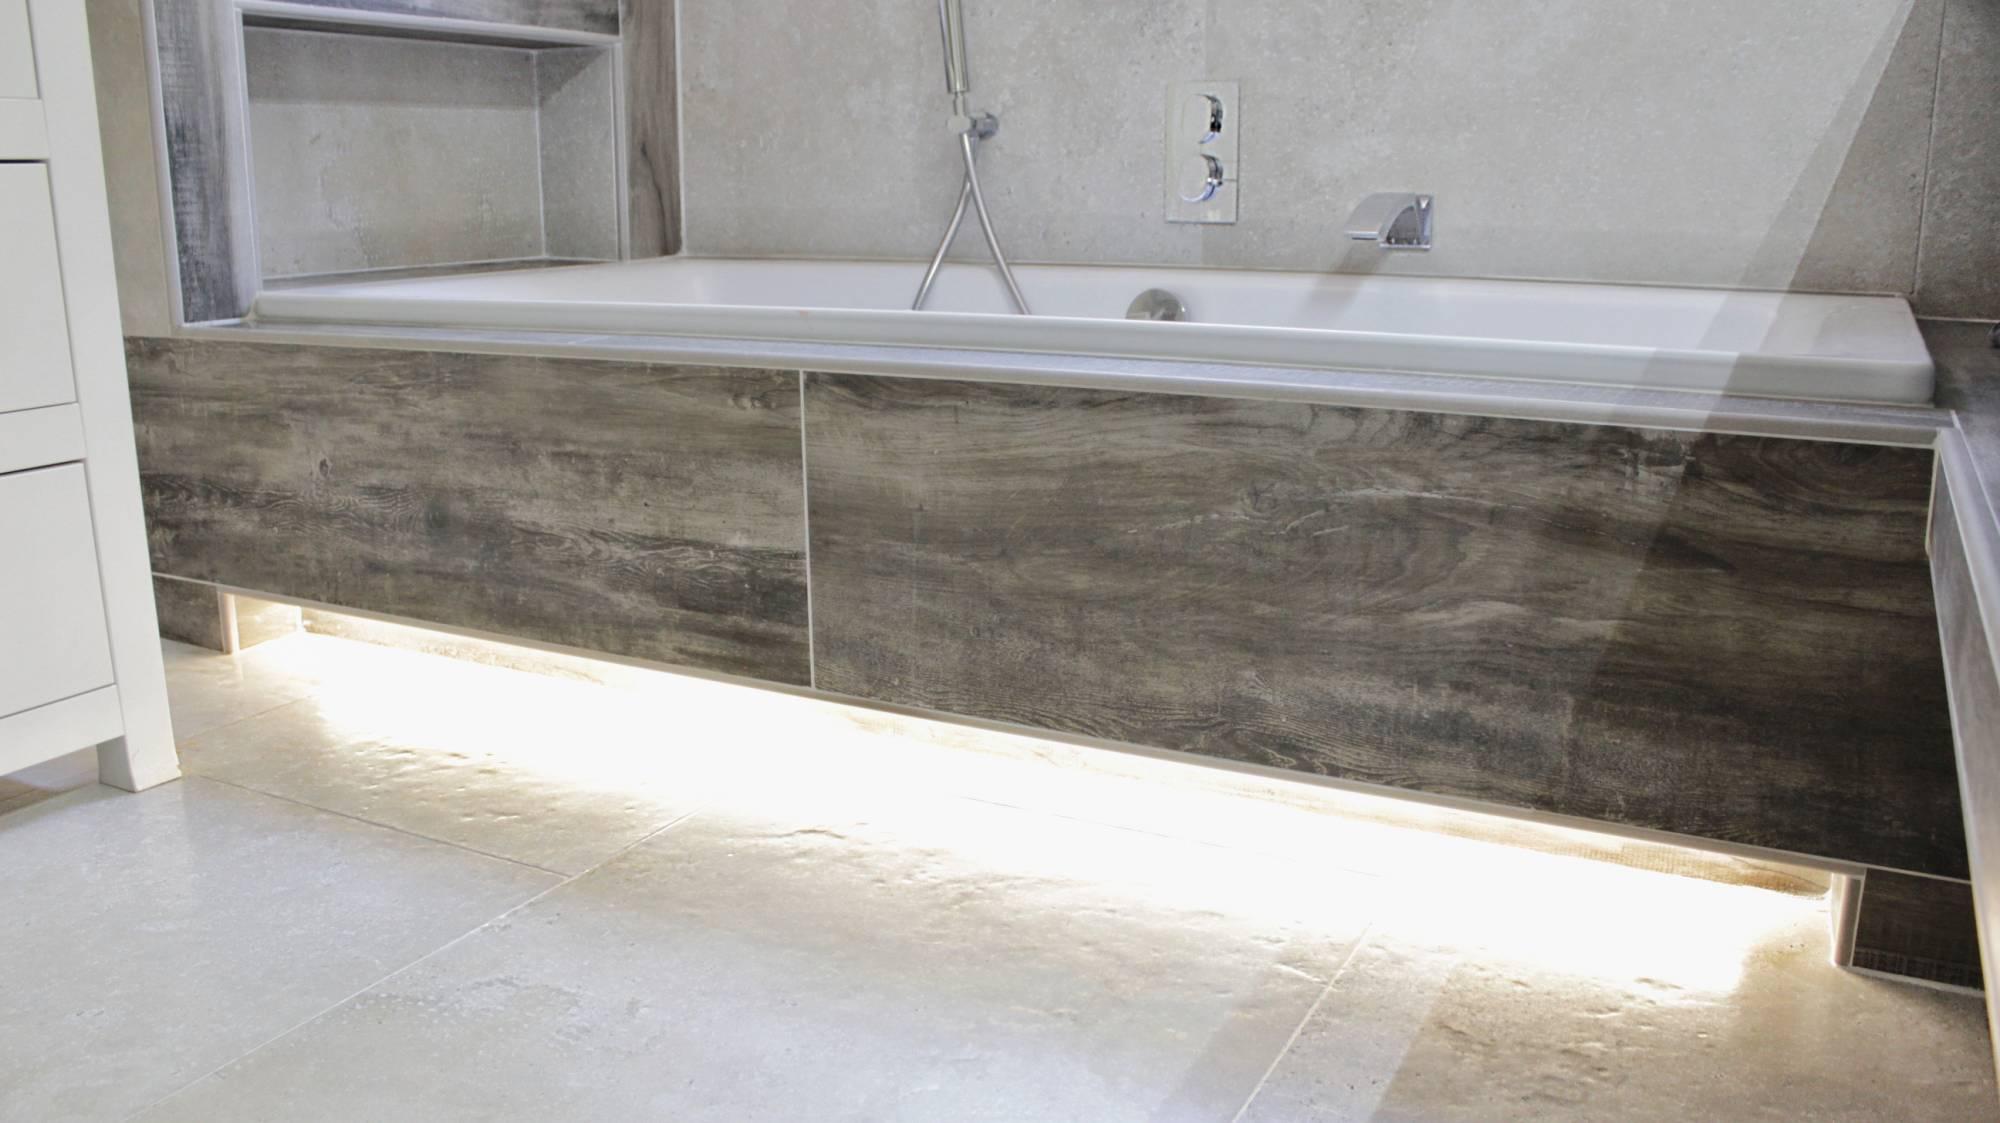 Salle de bains enti rement r nov e carrelage effet pierre for Aix carrelage palette